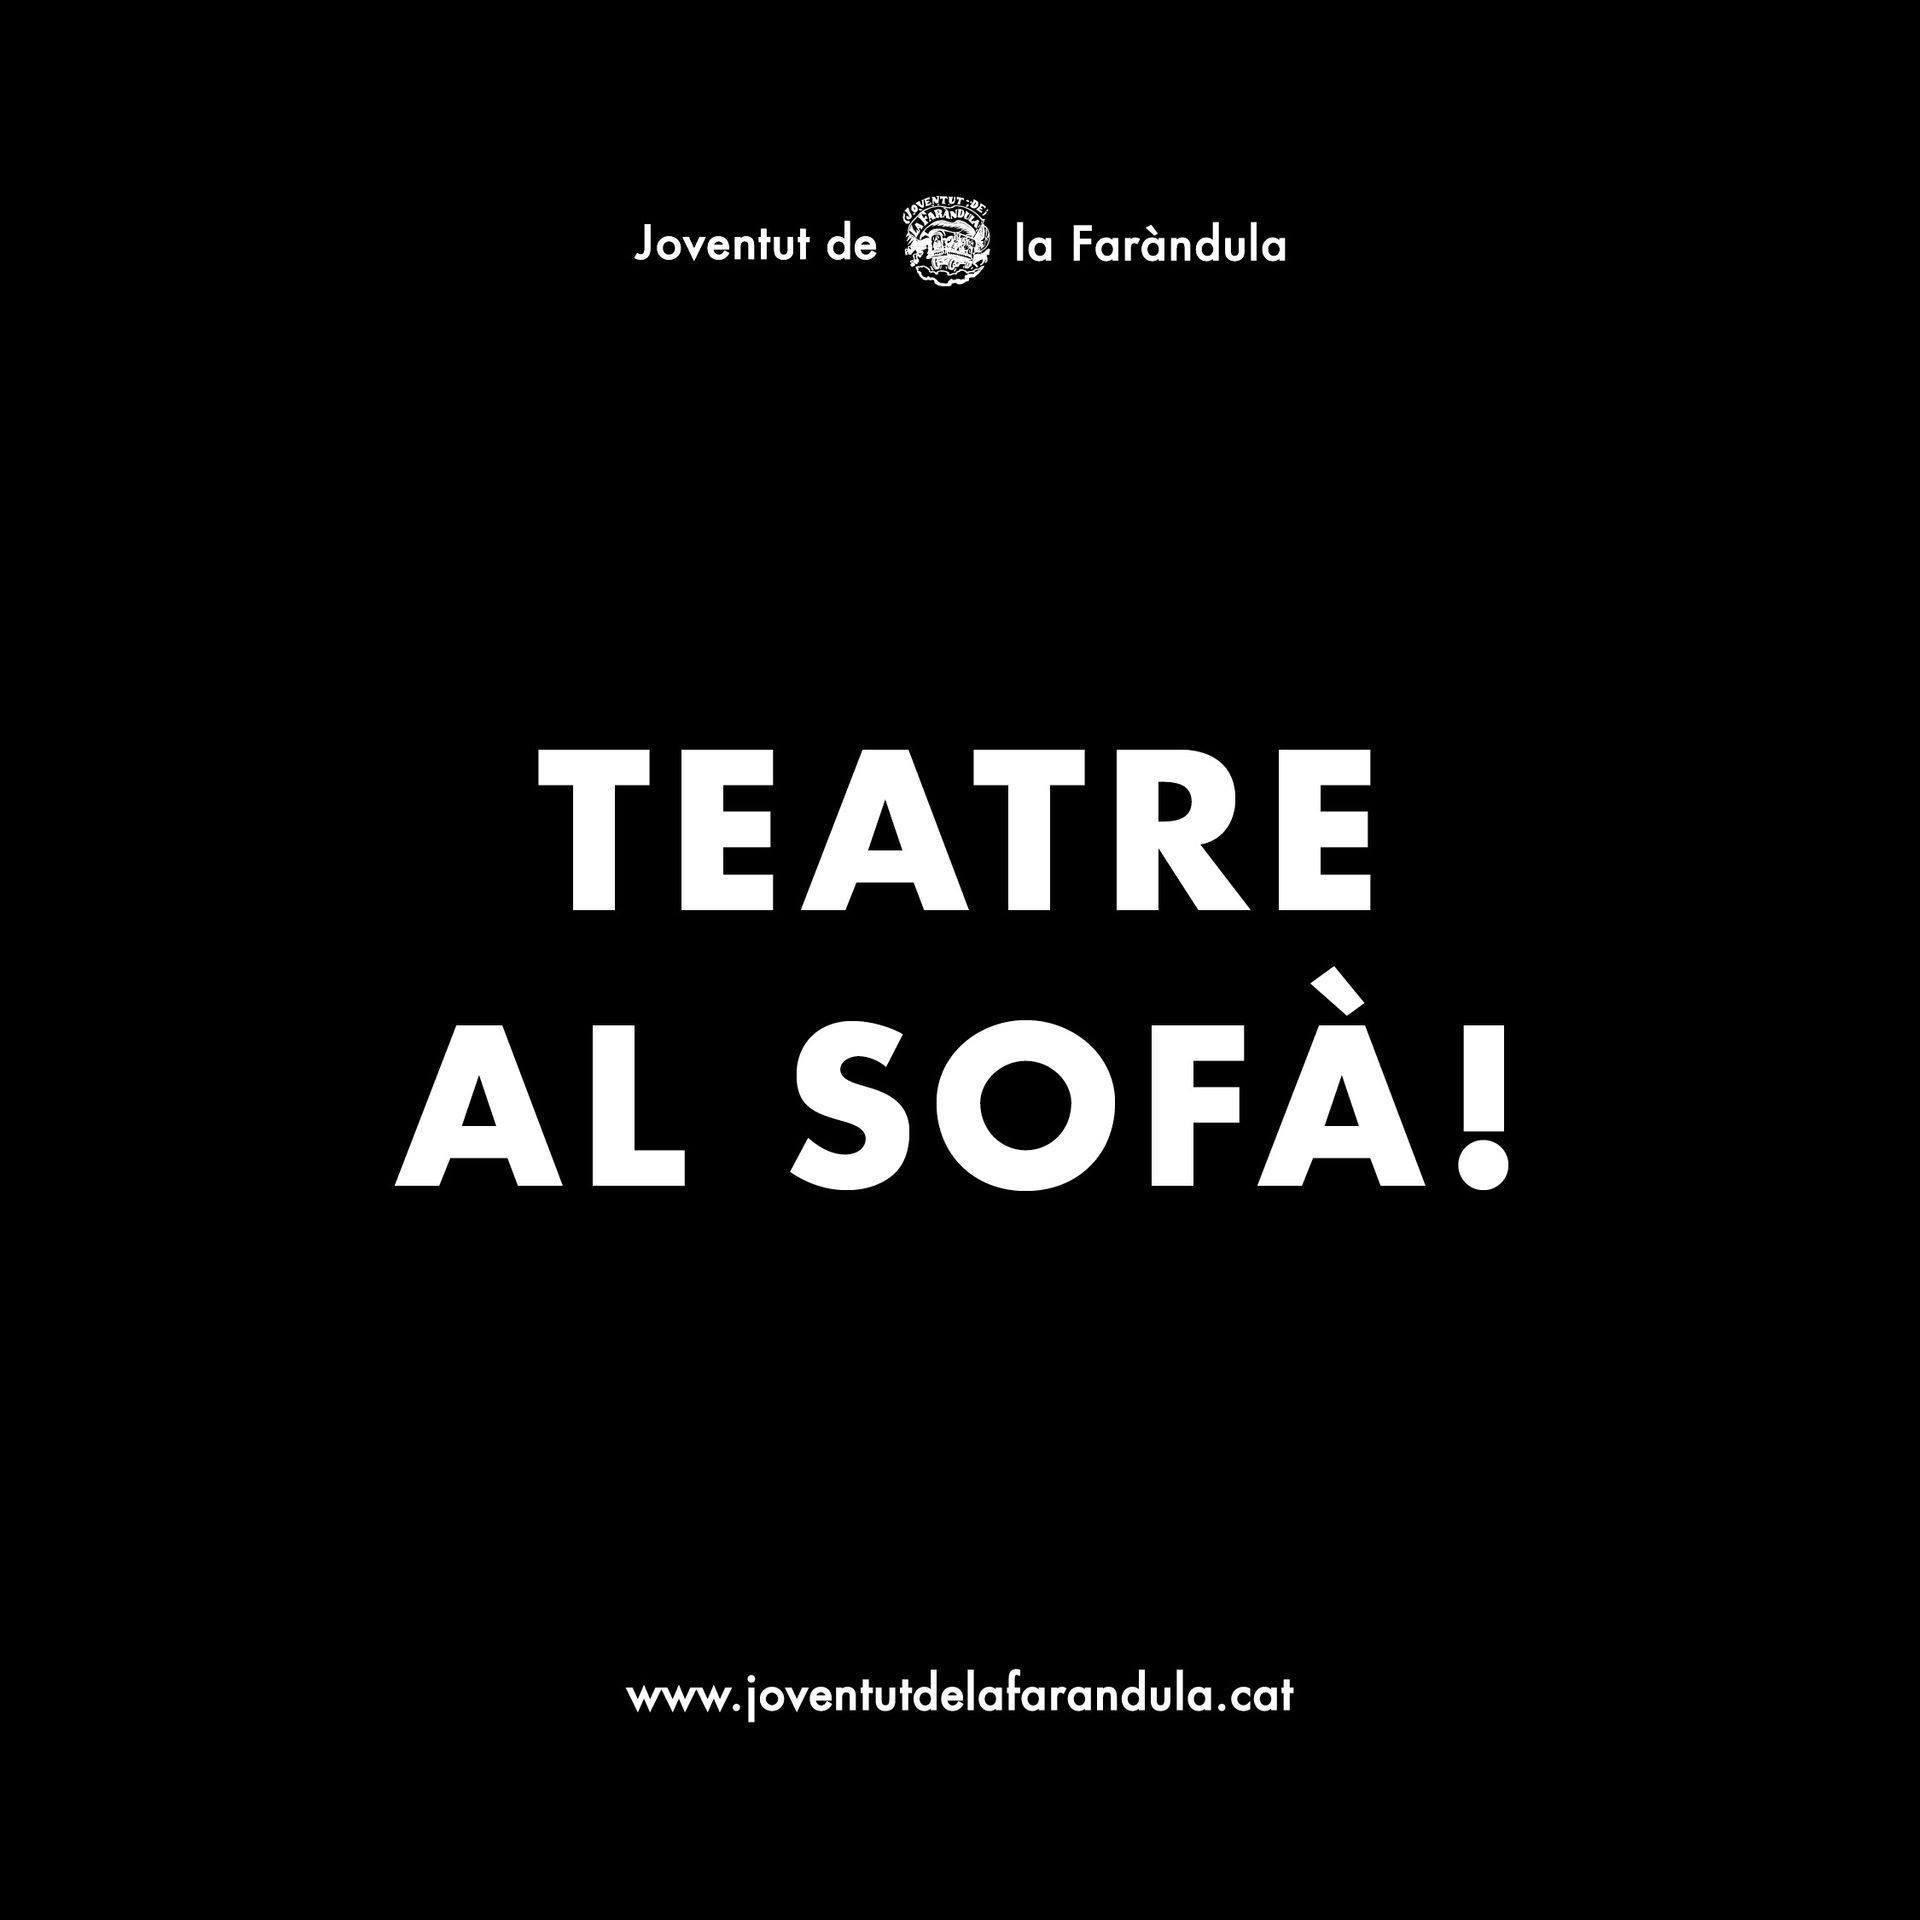 Teatre Al Sofà